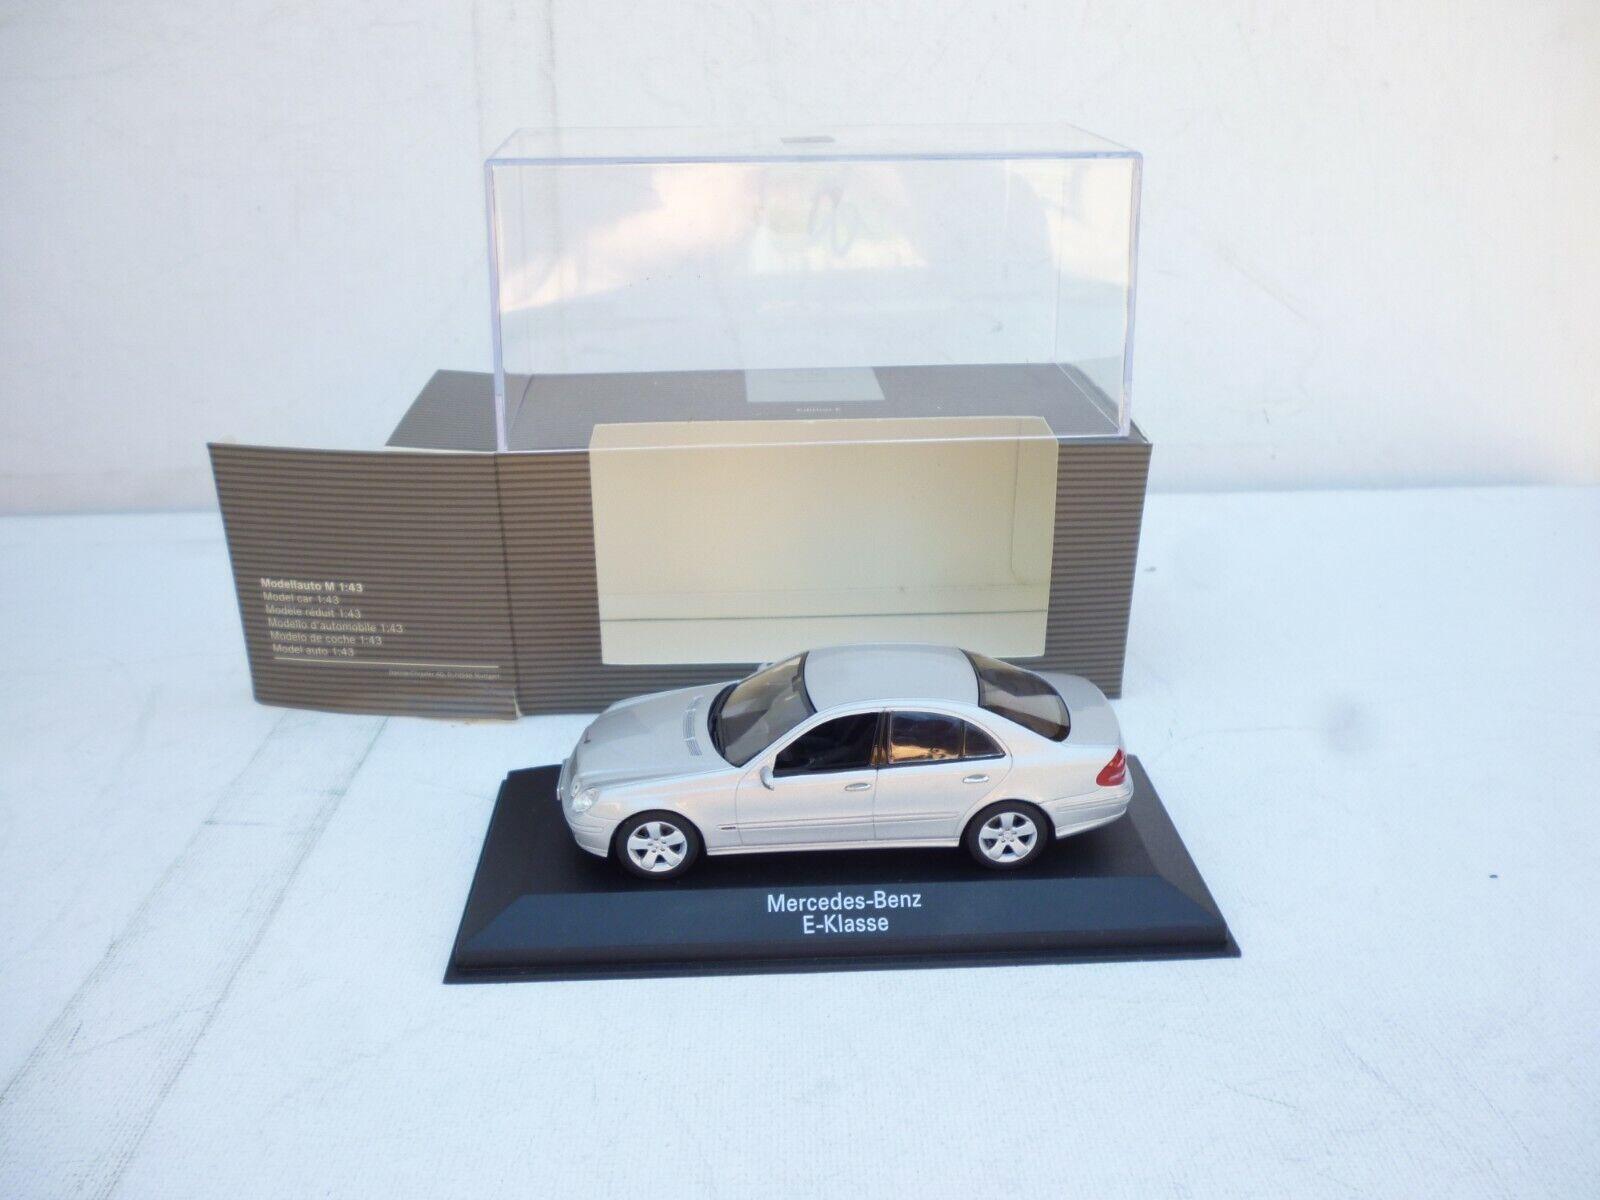 shopping online e negozio di moda Minichamps Mercedes-Benz E-Klasse  grigio argentooo 1 43 43 43 nuovo Dealer scatola    negozio a basso costo